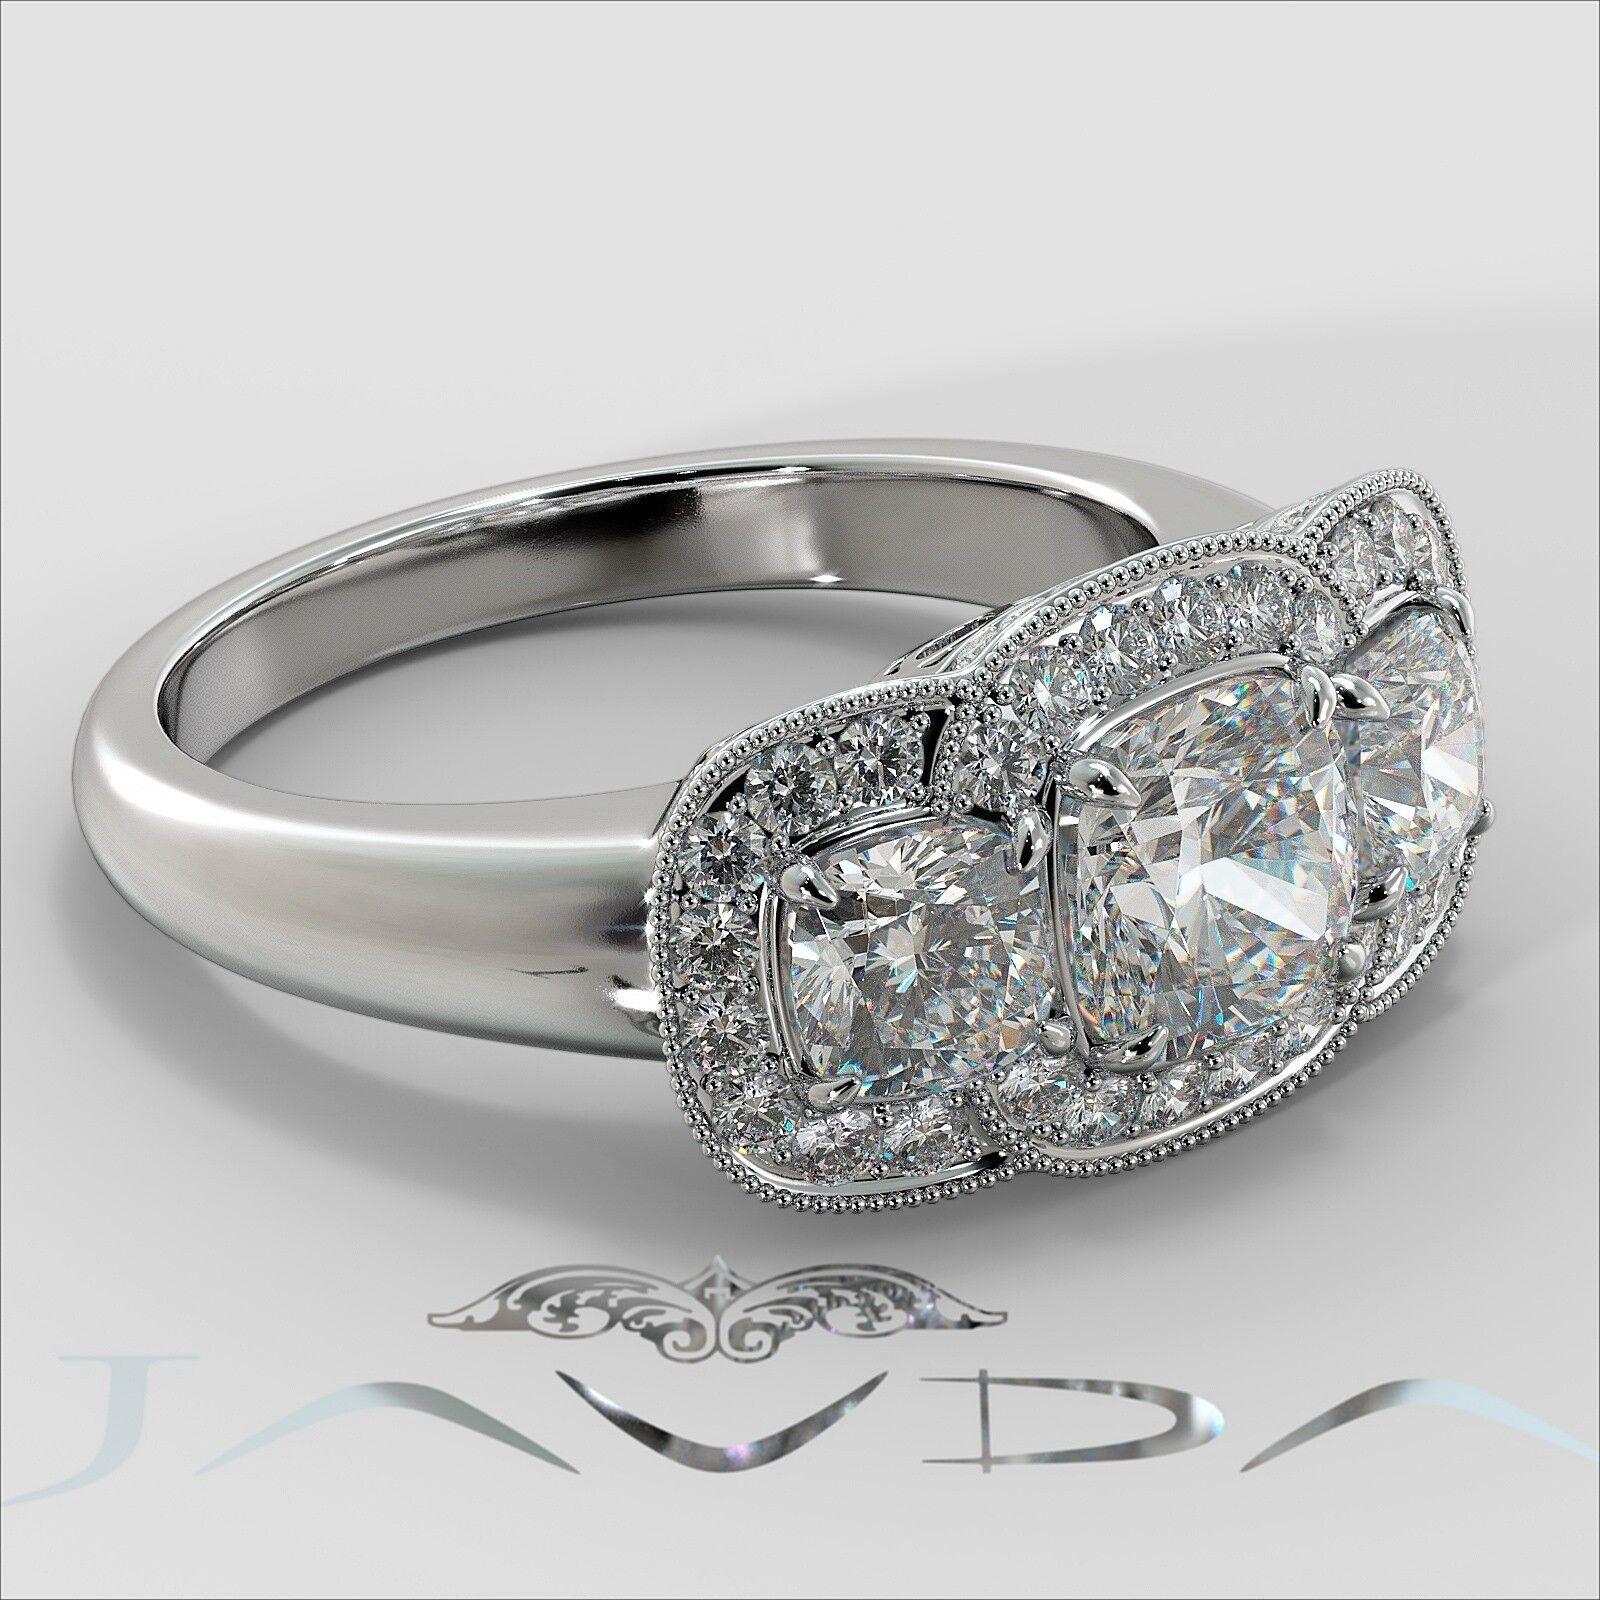 2.25ctw Milgrain Halo 3 Stone Cushion Diamond Engagement Ring GIA I-SI1 W Gold 2